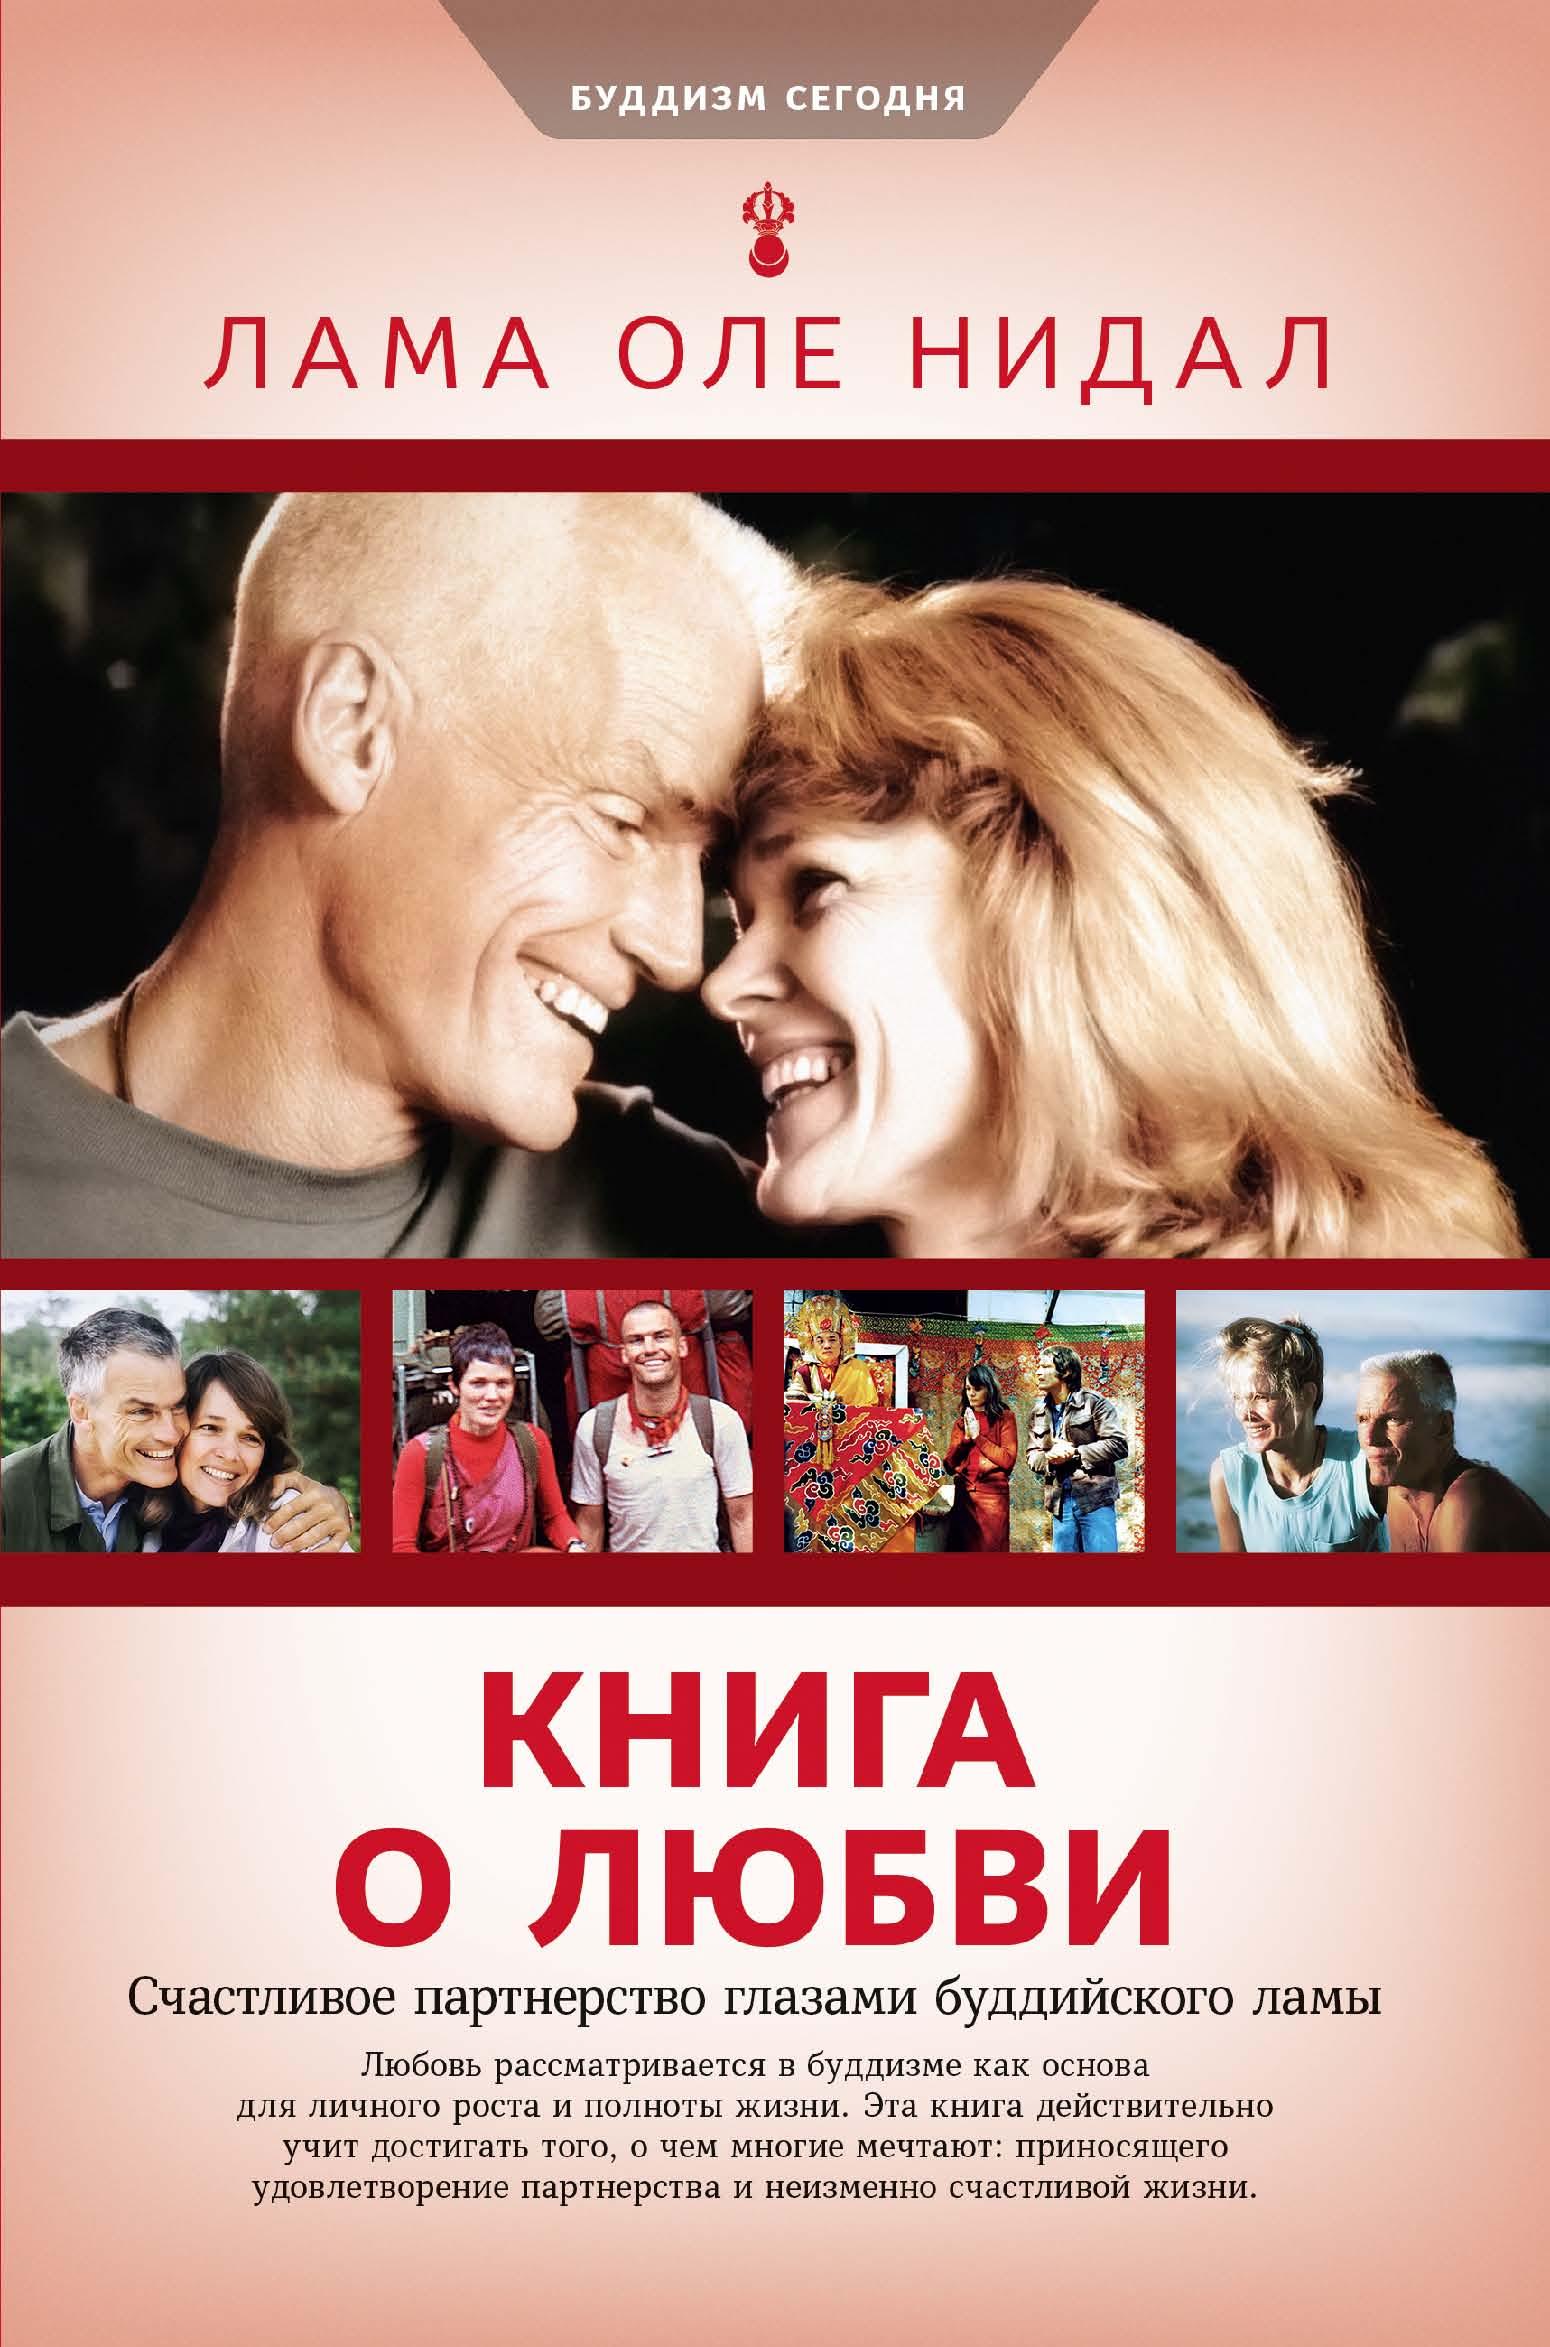 Лама Оле Нидал, Елена Леонтьева «Книга о любви. Счастливое партнерство глазами буддийского ламы»